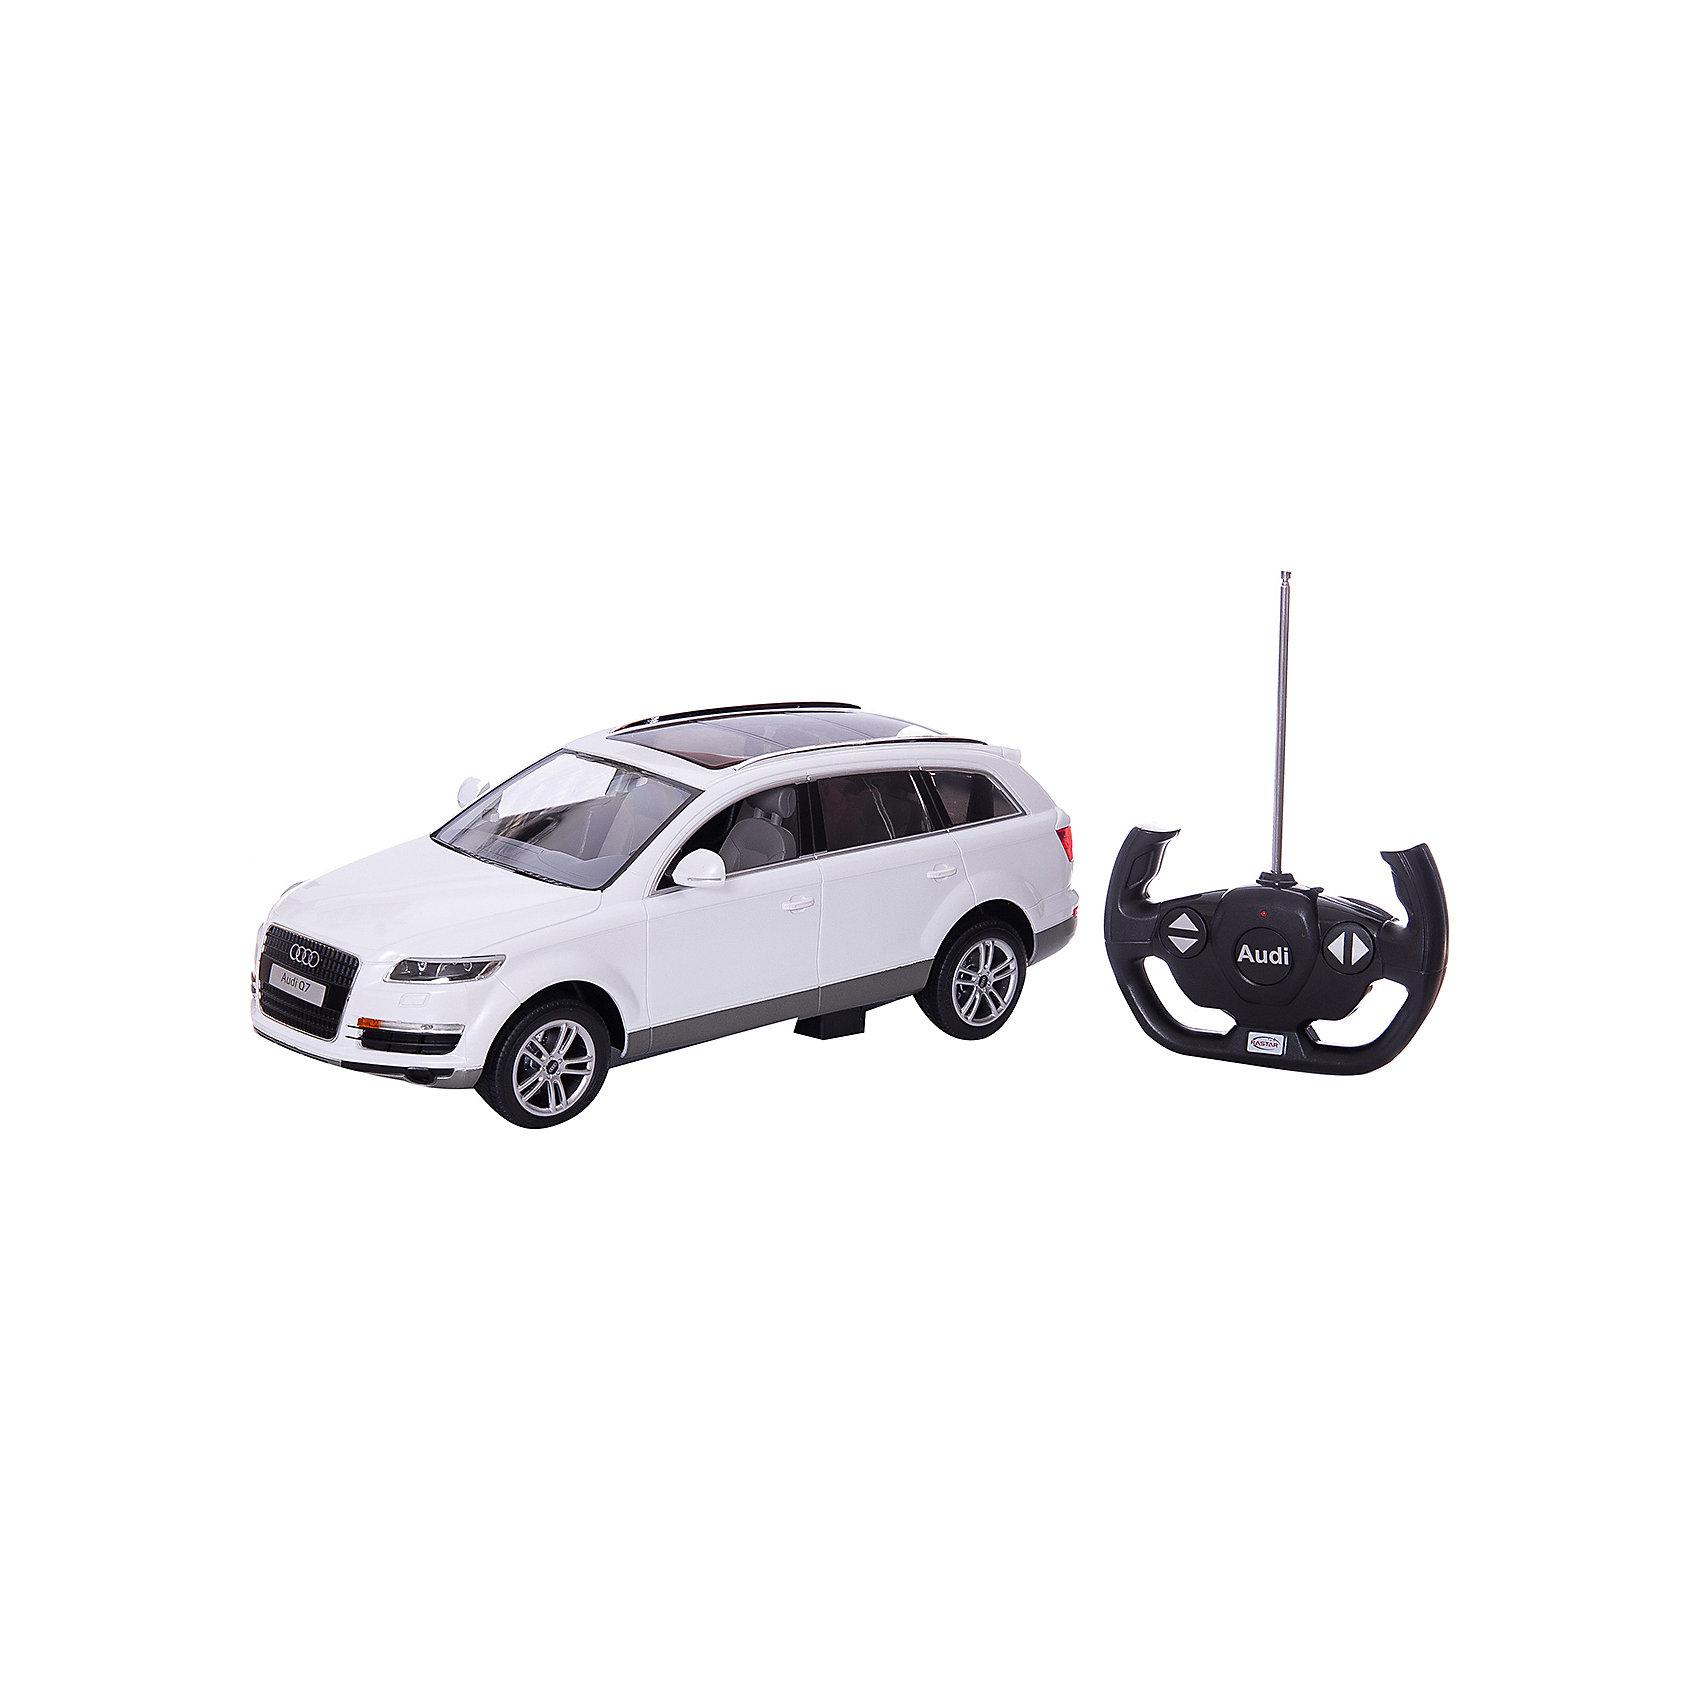 RASTAR Радиоуправляемая машина Audi Q7 1:14Коллекционные модели<br>RASTAR Радиоуправляемая машина Audi Q7 1:14, в ассортименте - игрушка, которая наверняка приведет в восторг юного любителя  взрослых автомобилей: эта радиоуправляемая машина - уменьшенная копия настоящей Ауди! <br><br>Модель выполнена в масштабе 1: 14.<br><br>Особенности игрушки:<br><br>- Работает на частоте: 27MHz; <br>- Движение вперед, назад, вправо, влево; <br>- Контроль управления: 15 - 45 метров; <br>- Развивает скорость до: 7 км/ч; <br>- Светятся фары. <br><br><br>Дополнительная информация:<br><br><br>- Для работы требуются батарейки: 5 Х АА, 6F/22<br>(не входят в комплект).<br>- Материалы: пластмасса, металл.<br>- Размер: 30,7 х 13,6 х 8,5 см.<br>- Размер упаковки: 43 х 22,5 х 17,5 см.<br>- Вес: 1,16 кг.<br>ВНИМАНИЕ! Данный товар представлен в ассортименте и отличается цветовым исполнением (варианты цветового исполнения - оранжевый, желтый и черный). Предварительный выбор определенного цветового исполнения артикула, к сожалению, невозможен. При заказе нескольких единиц данного товара, возможно получение одинаковых.<br><br>Ширина мм: 455<br>Глубина мм: 215<br>Высота мм: 195<br>Вес г: 1640<br>Возраст от месяцев: 72<br>Возраст до месяцев: 1188<br>Пол: Мужской<br>Возраст: Детский<br>SKU: 2557185